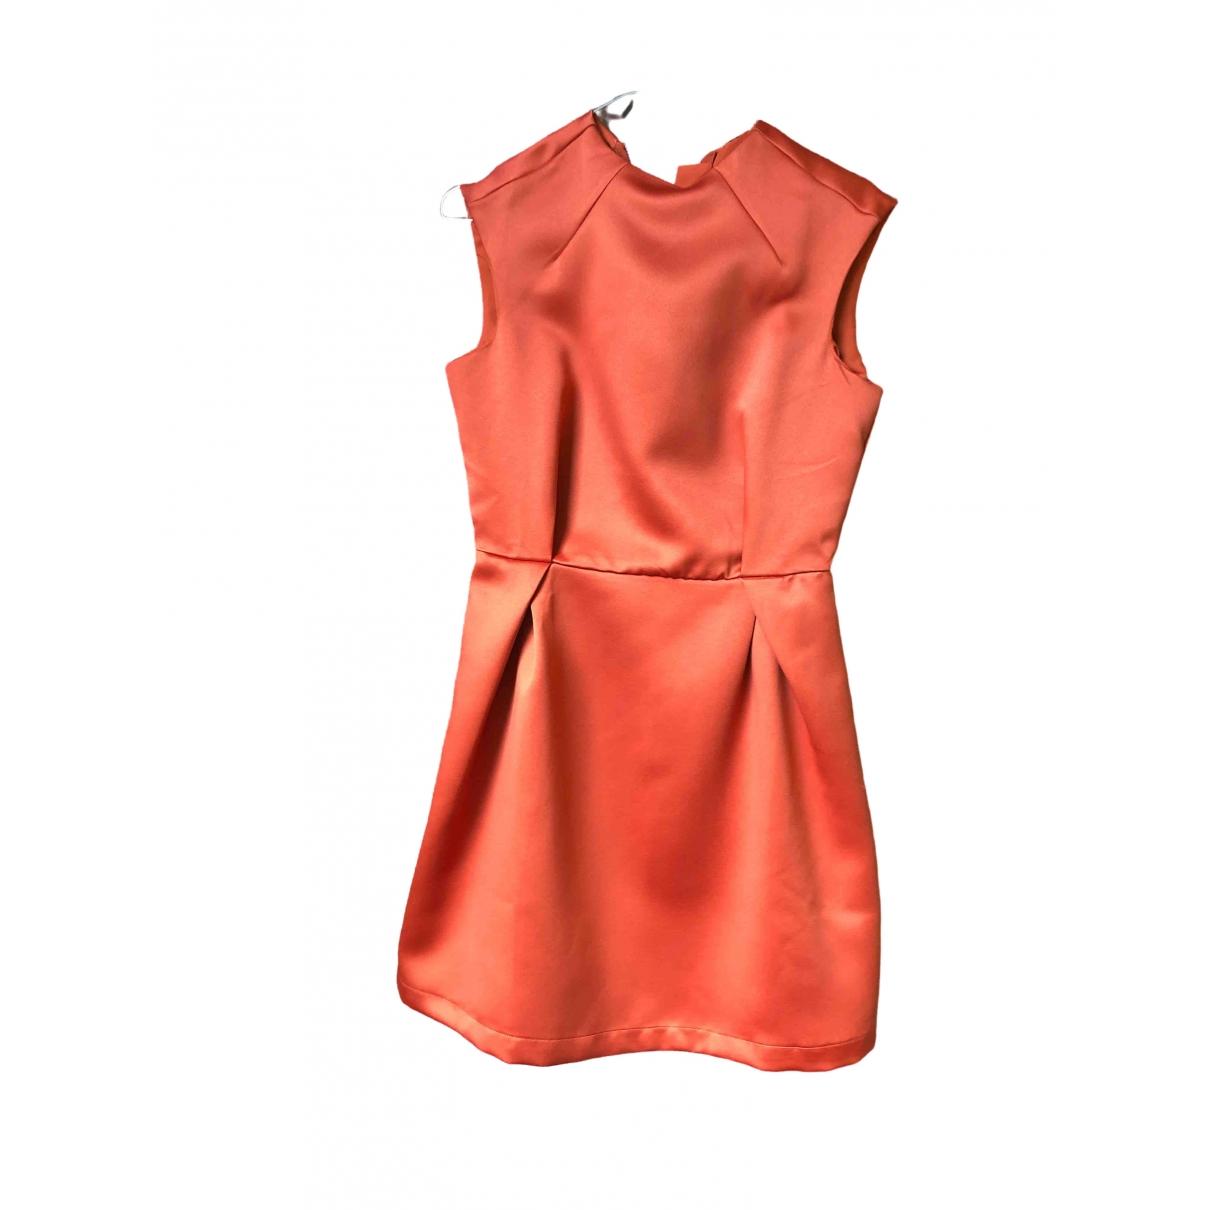 Asos \N Orange dress for Women 8 UK